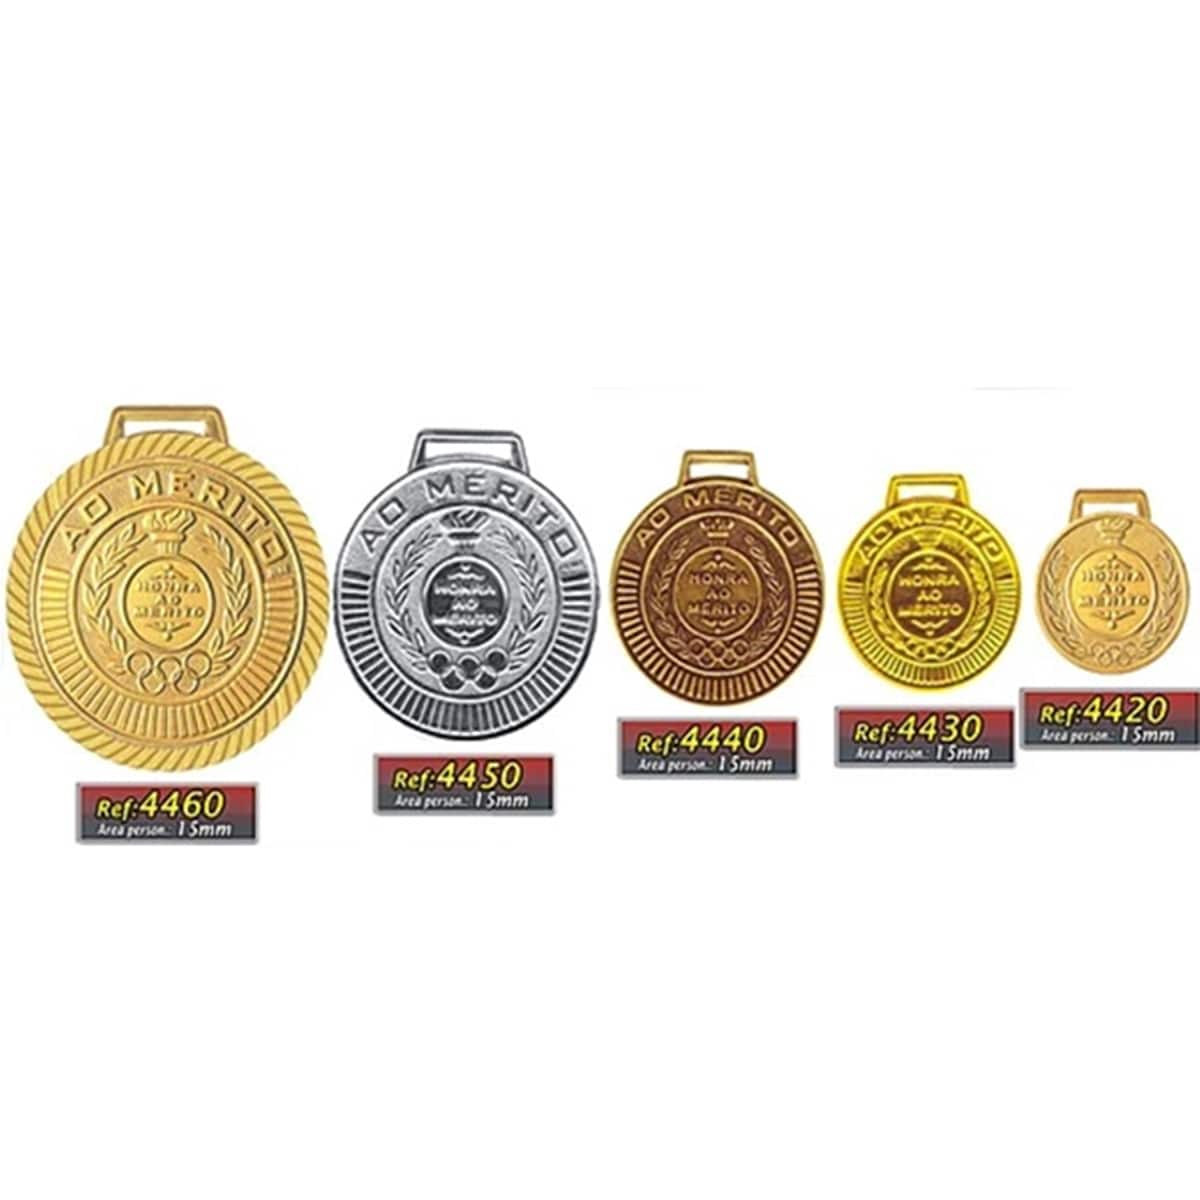 Kit C/20 Medalhas Rema Honra ao Mérito 50mm com Fita